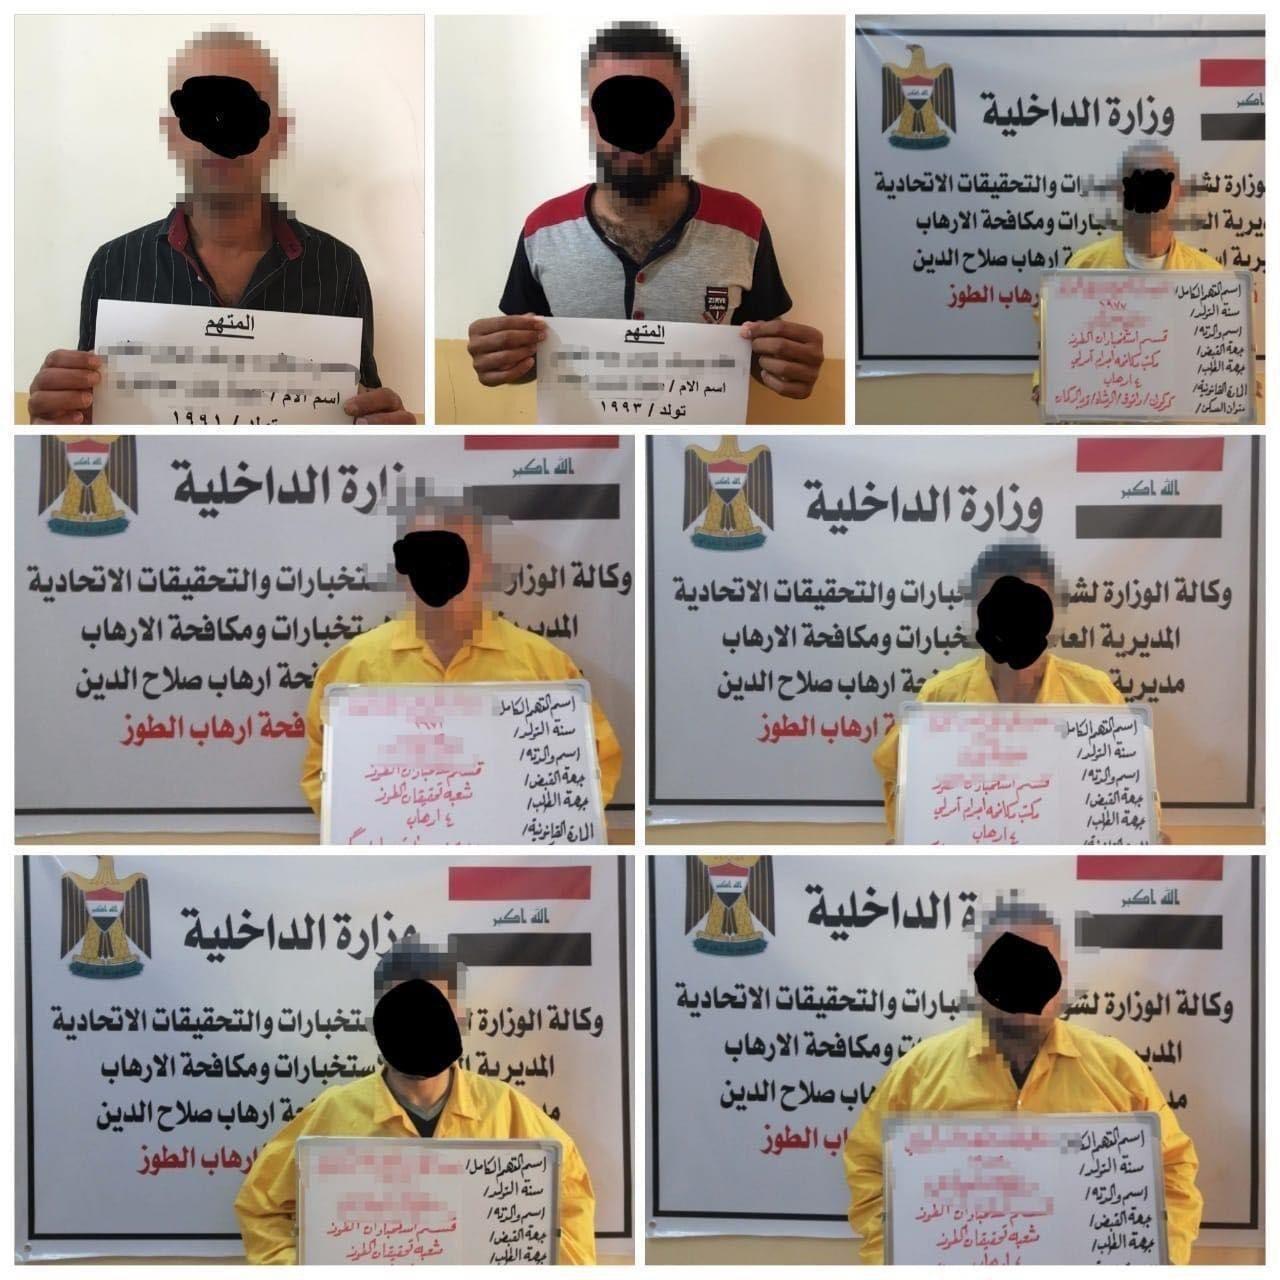 صورة الداخلية العراقية القبض على 7 إرهابيين في صلاح الدين